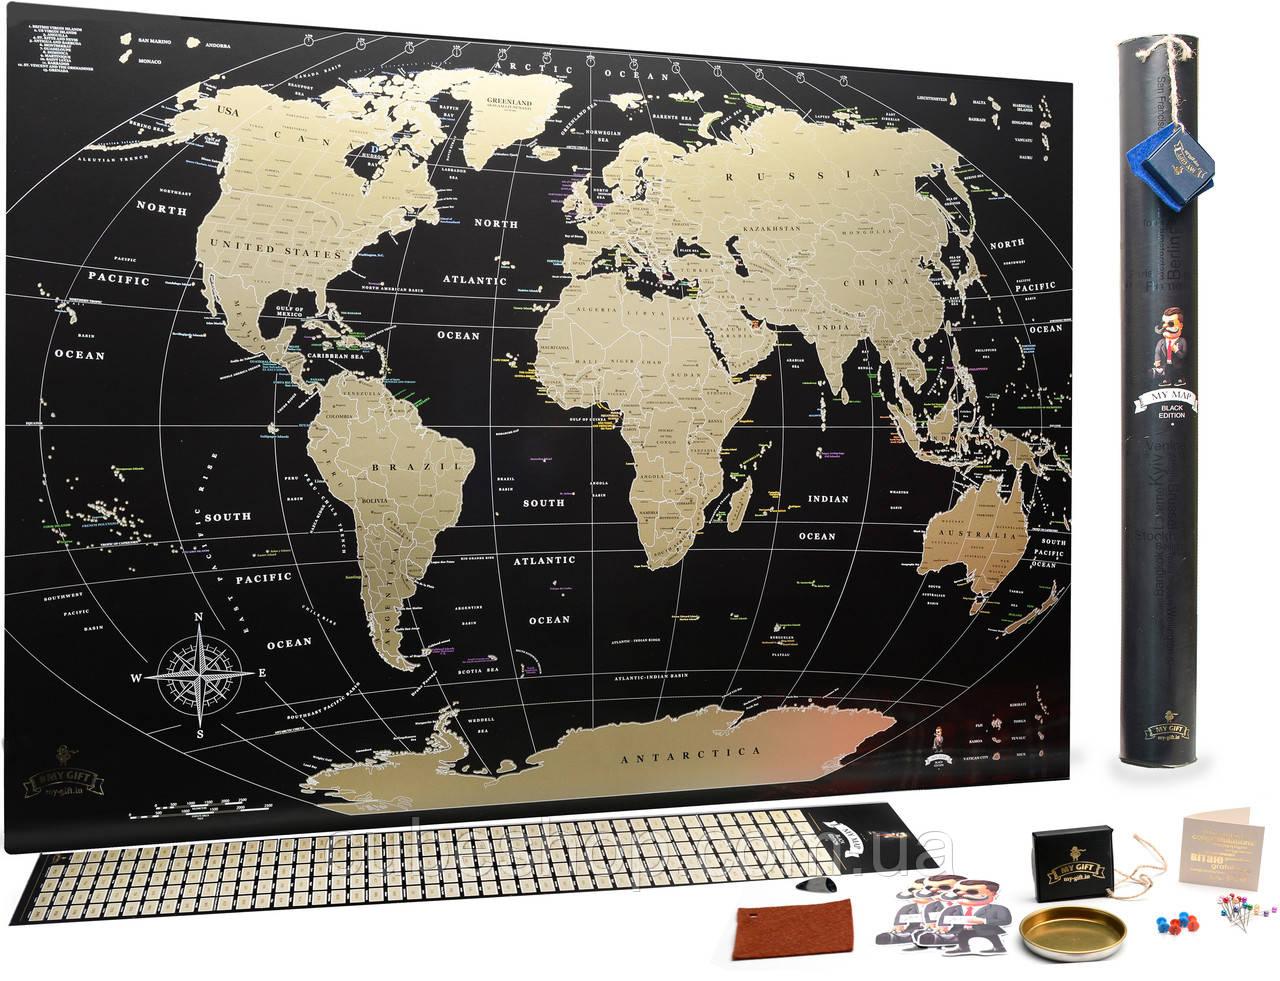 Скретч карта мира My Map Black edition Gold (английский язык) в тубусе (черная)